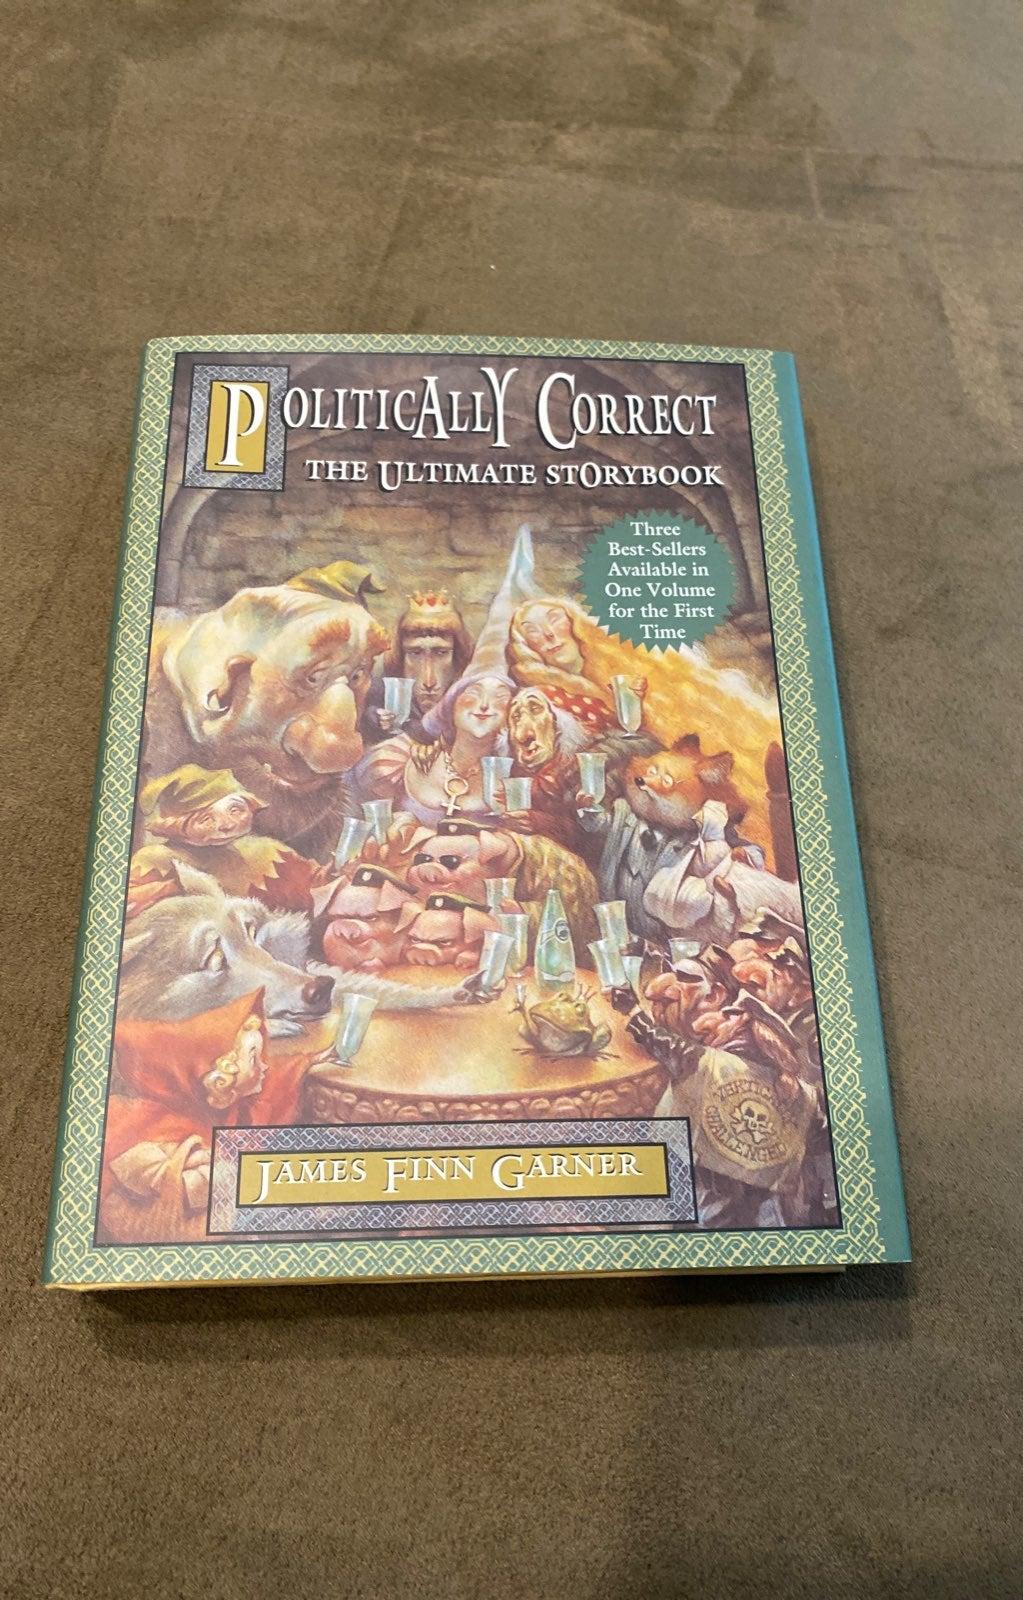 Politically Correct book